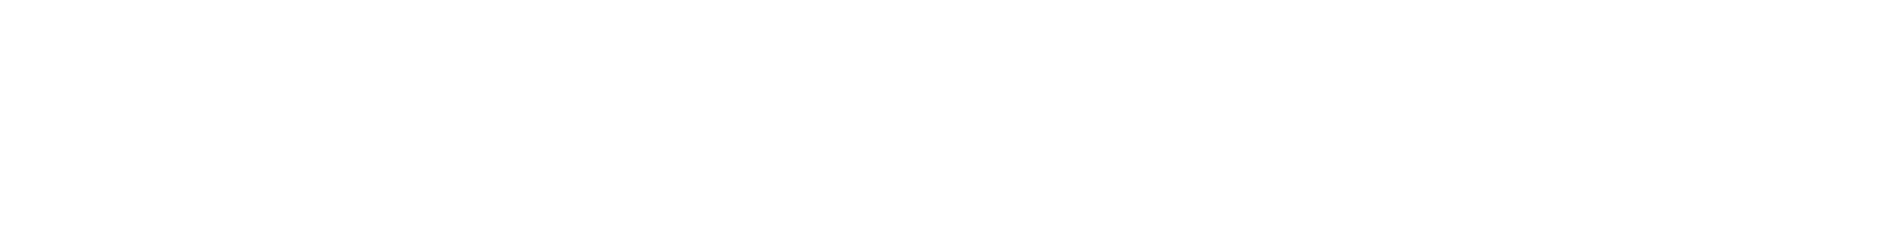 日本超音波医学会第57回中国地方会学術集会/第20回中国地方会講習会